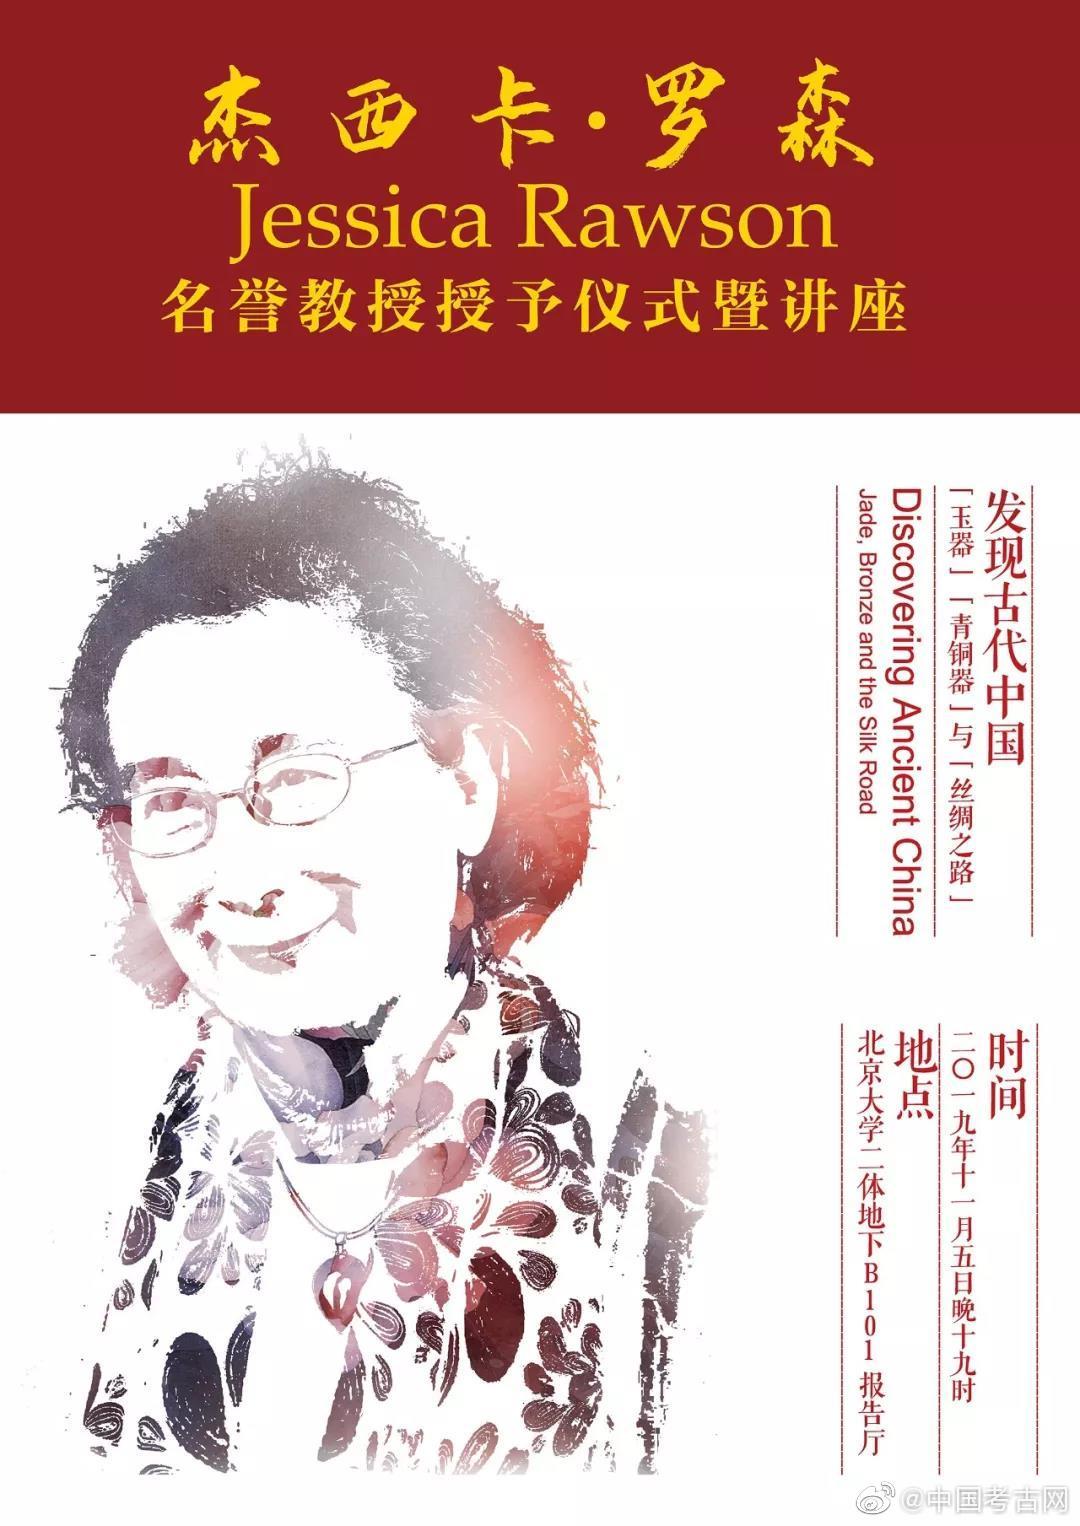 杰西卡罗森北京大学名誉教授授予仪式暨讲座在北大举行